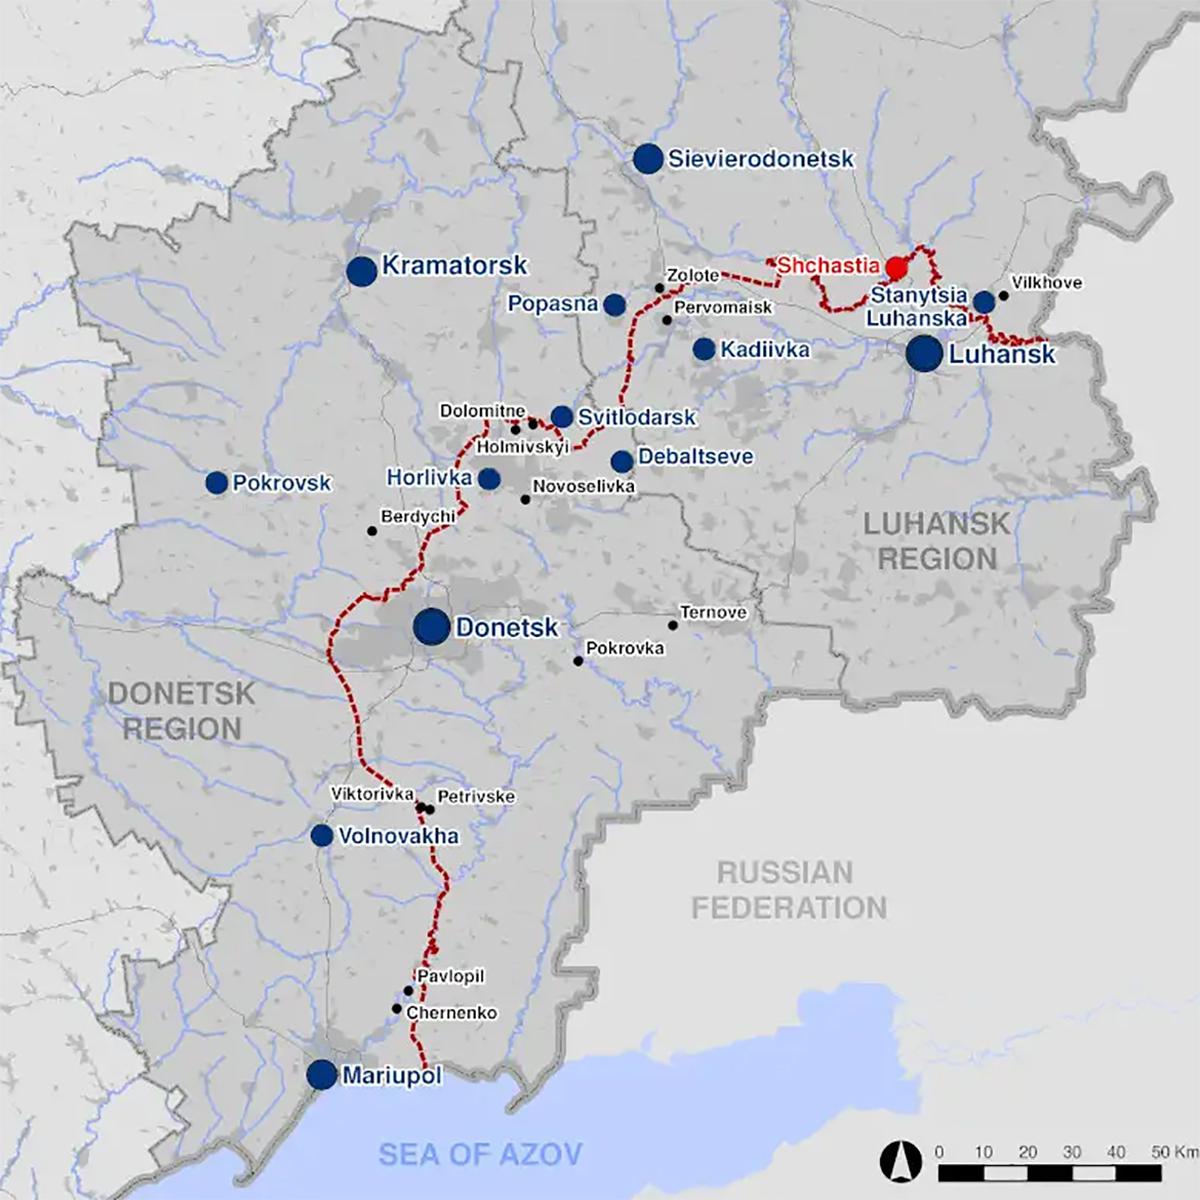 Vị trí khu vực Donbass. Đồ họa: OSCE.